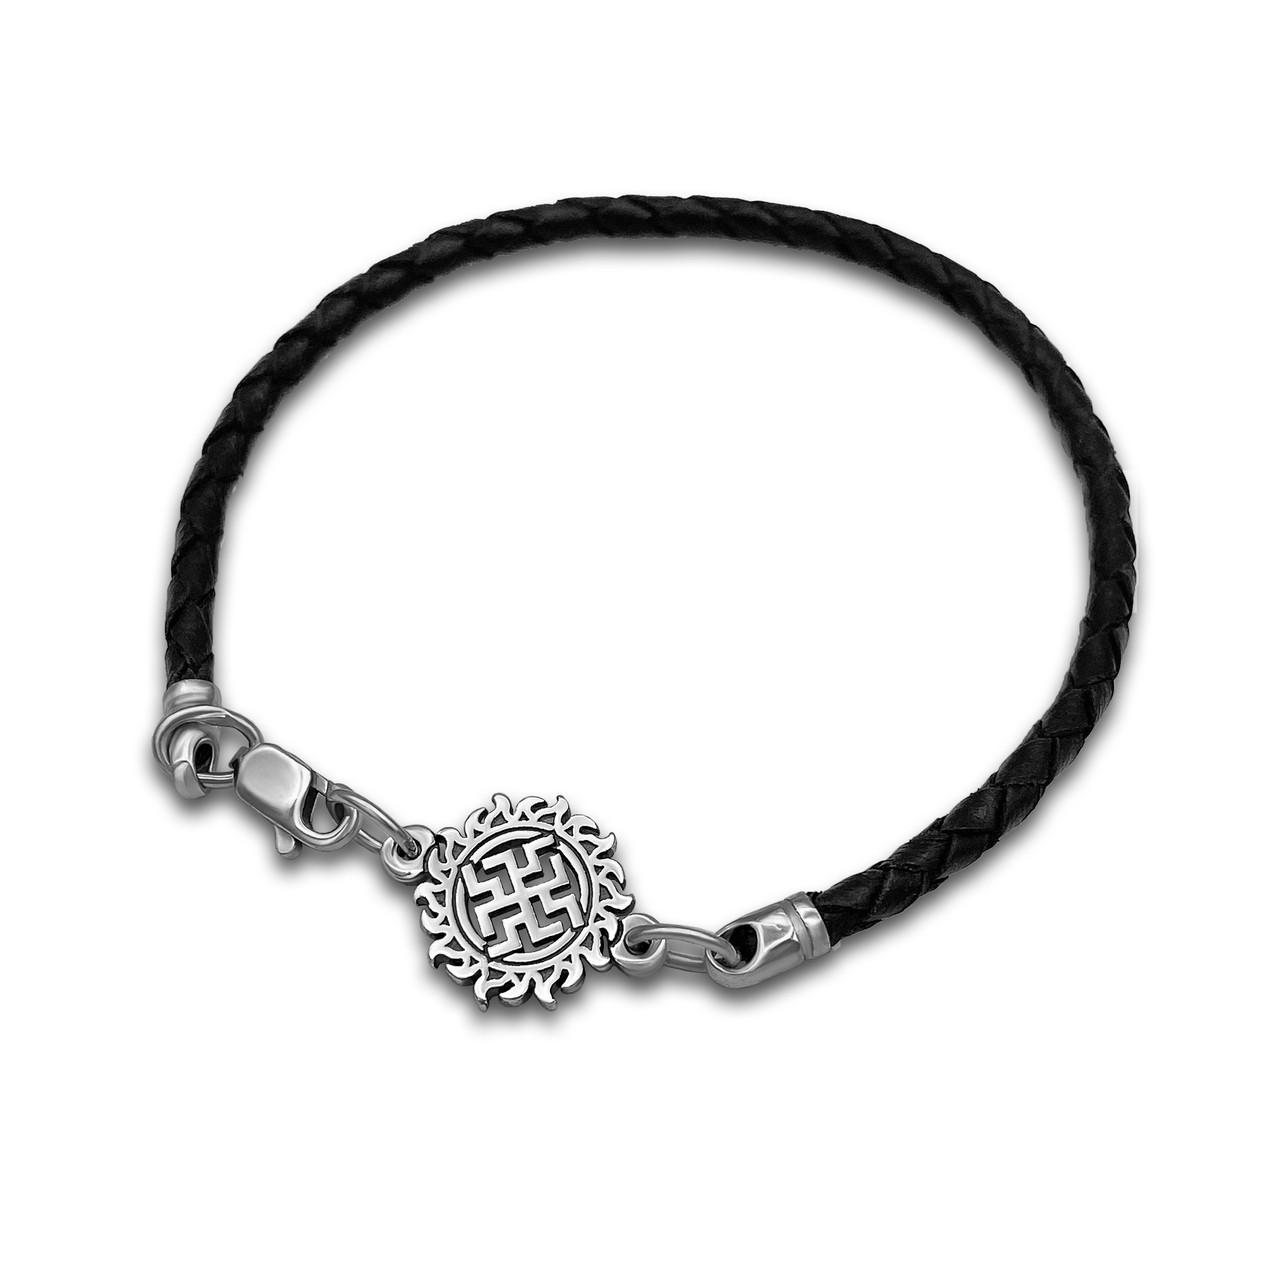 Кожаный браслет - оберег Зайчик из серебра 925  пробы